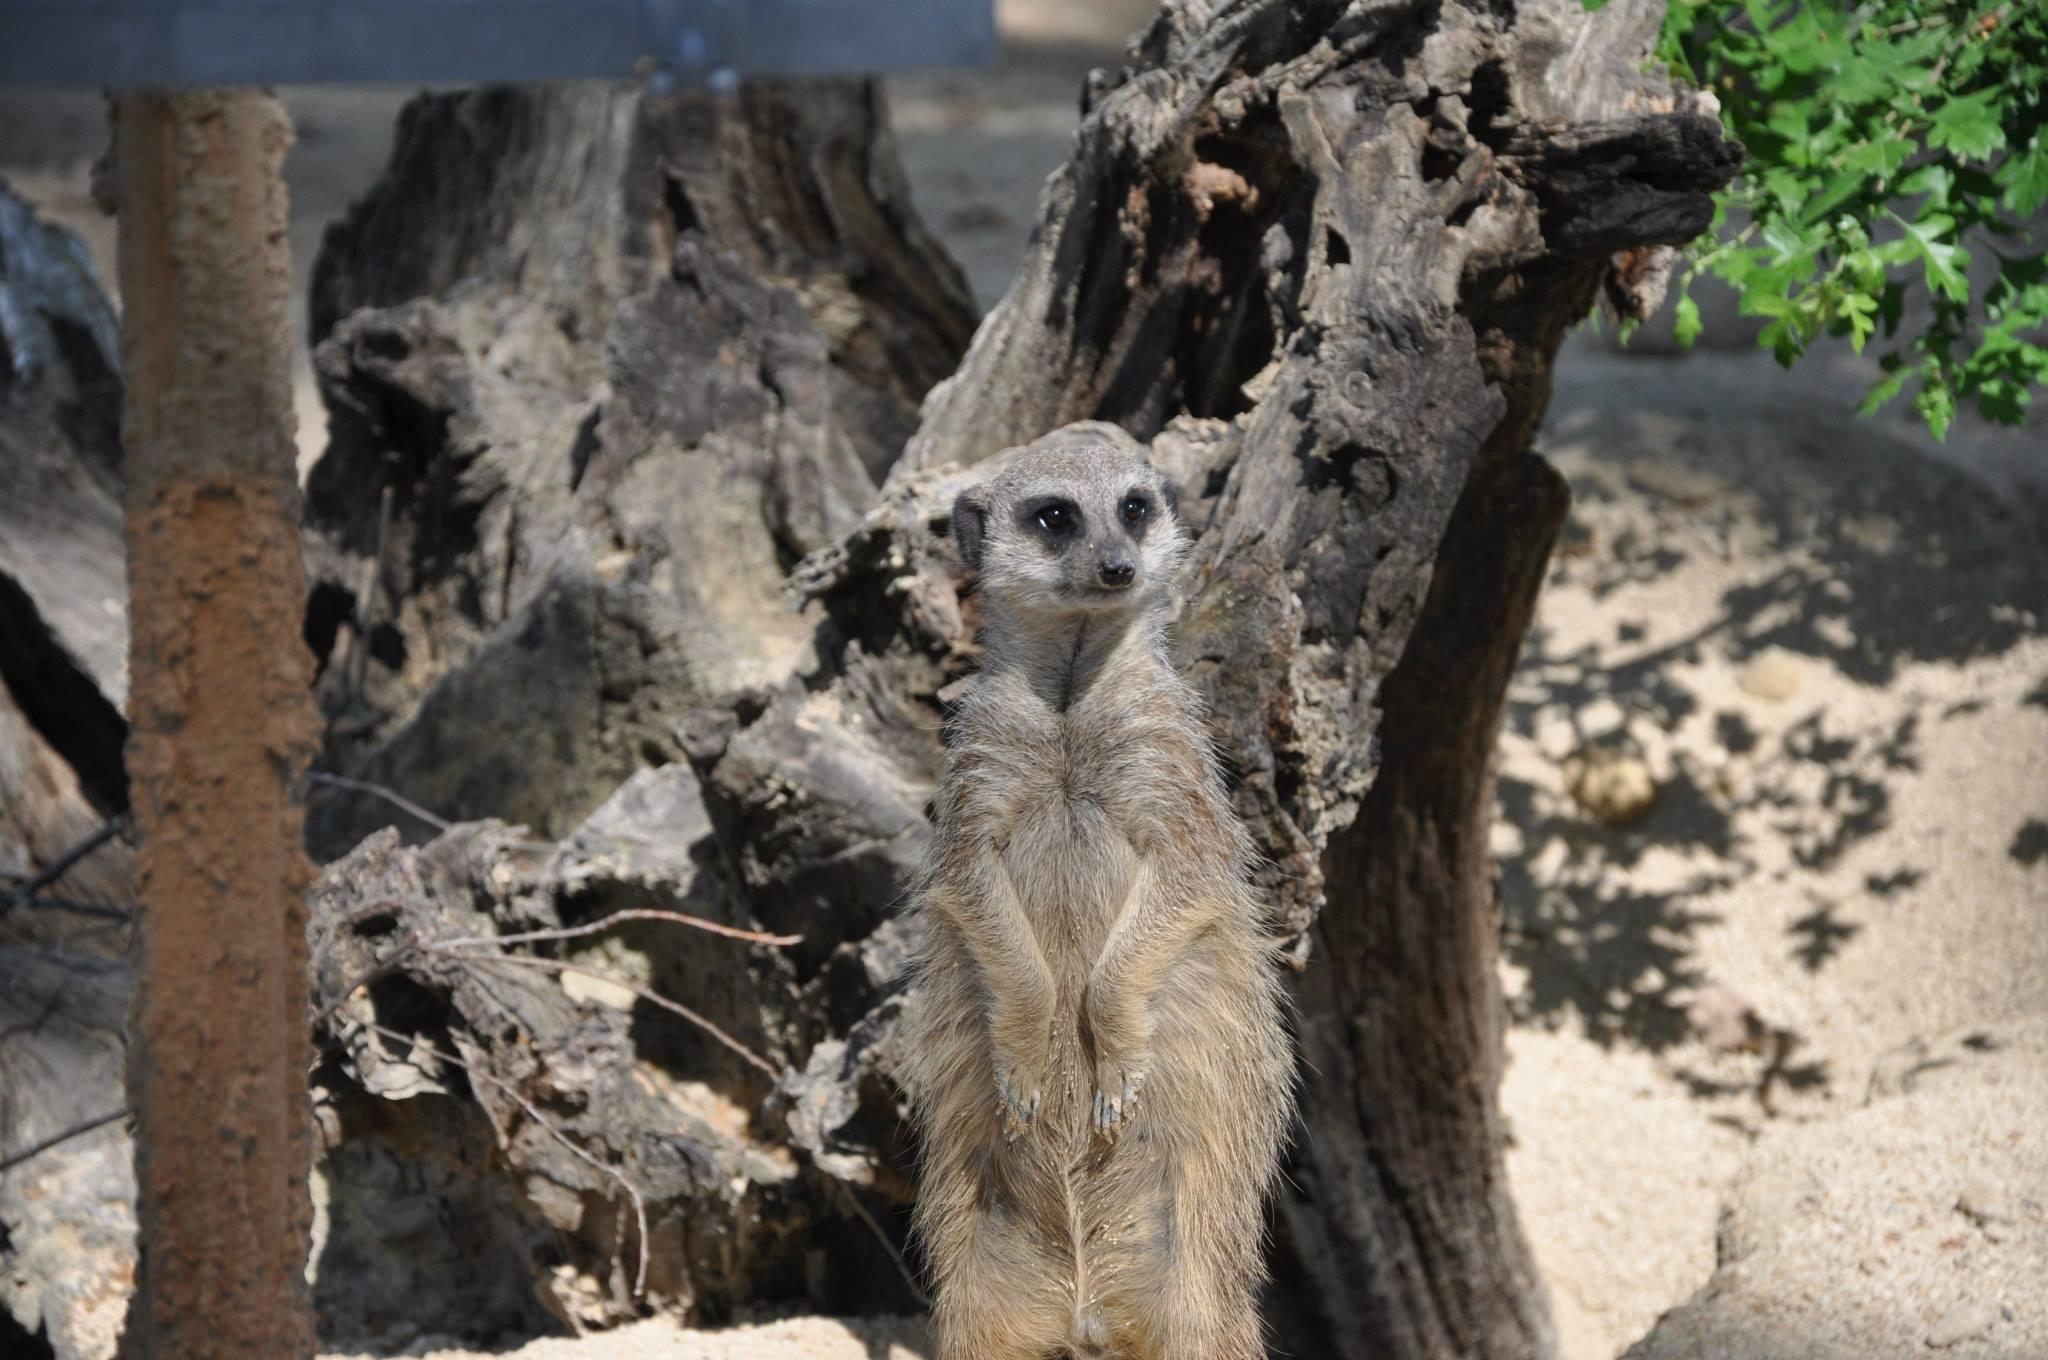 wilhelma_zoo_hayvanatbahcesi_stuttgart_burcu_ozcan_chihuahua_mira_burcuozcan_zara(11)